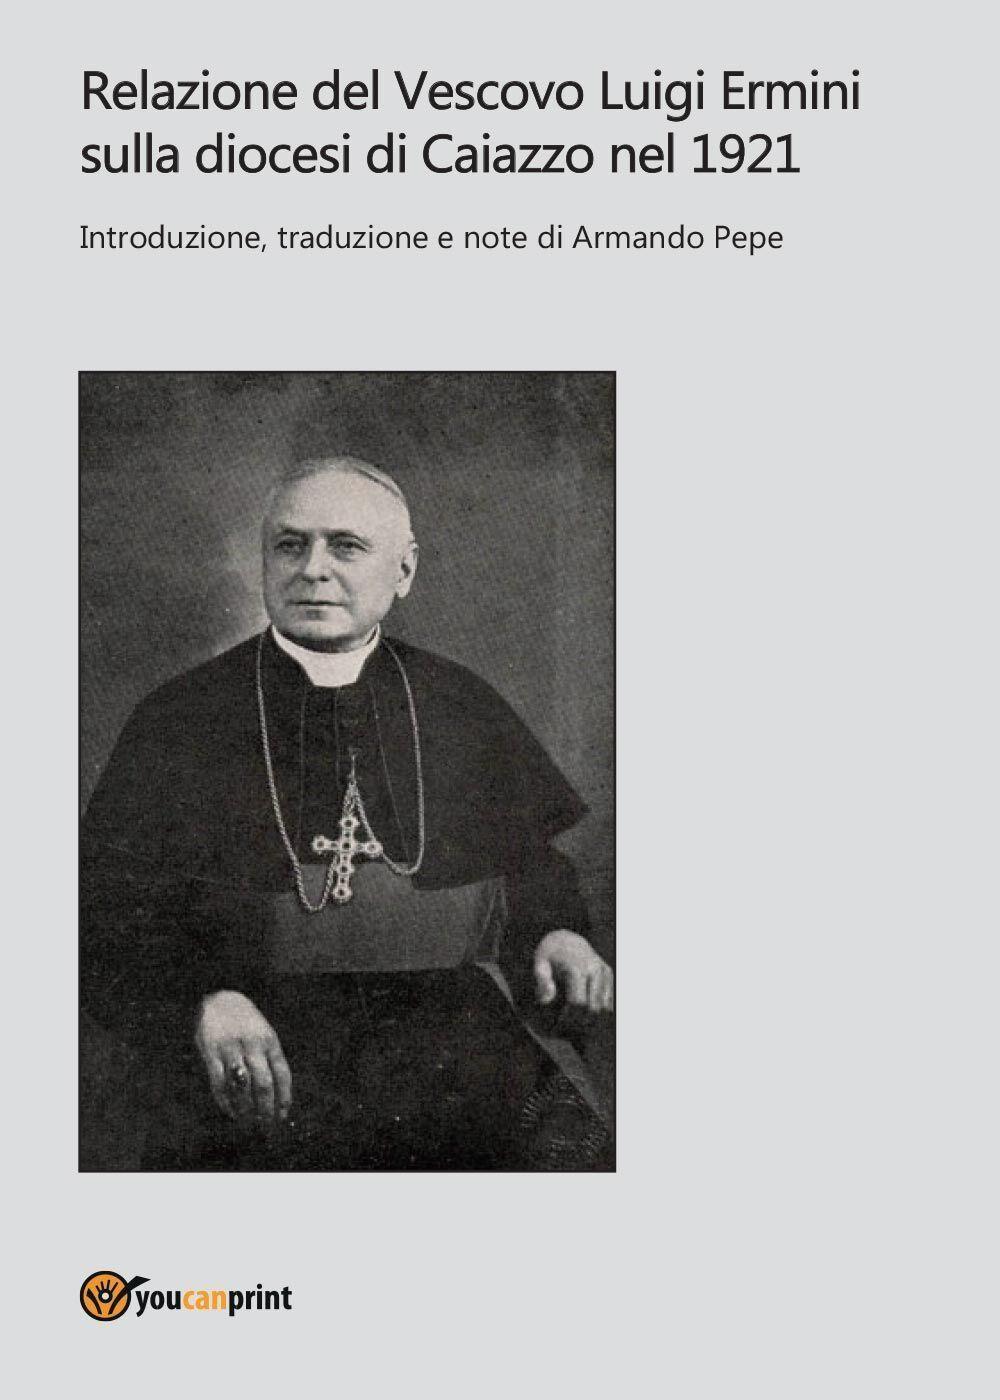 Relazione del Vescovo Luigi Ermini sulla diocesi di Caiazzo nel 1921